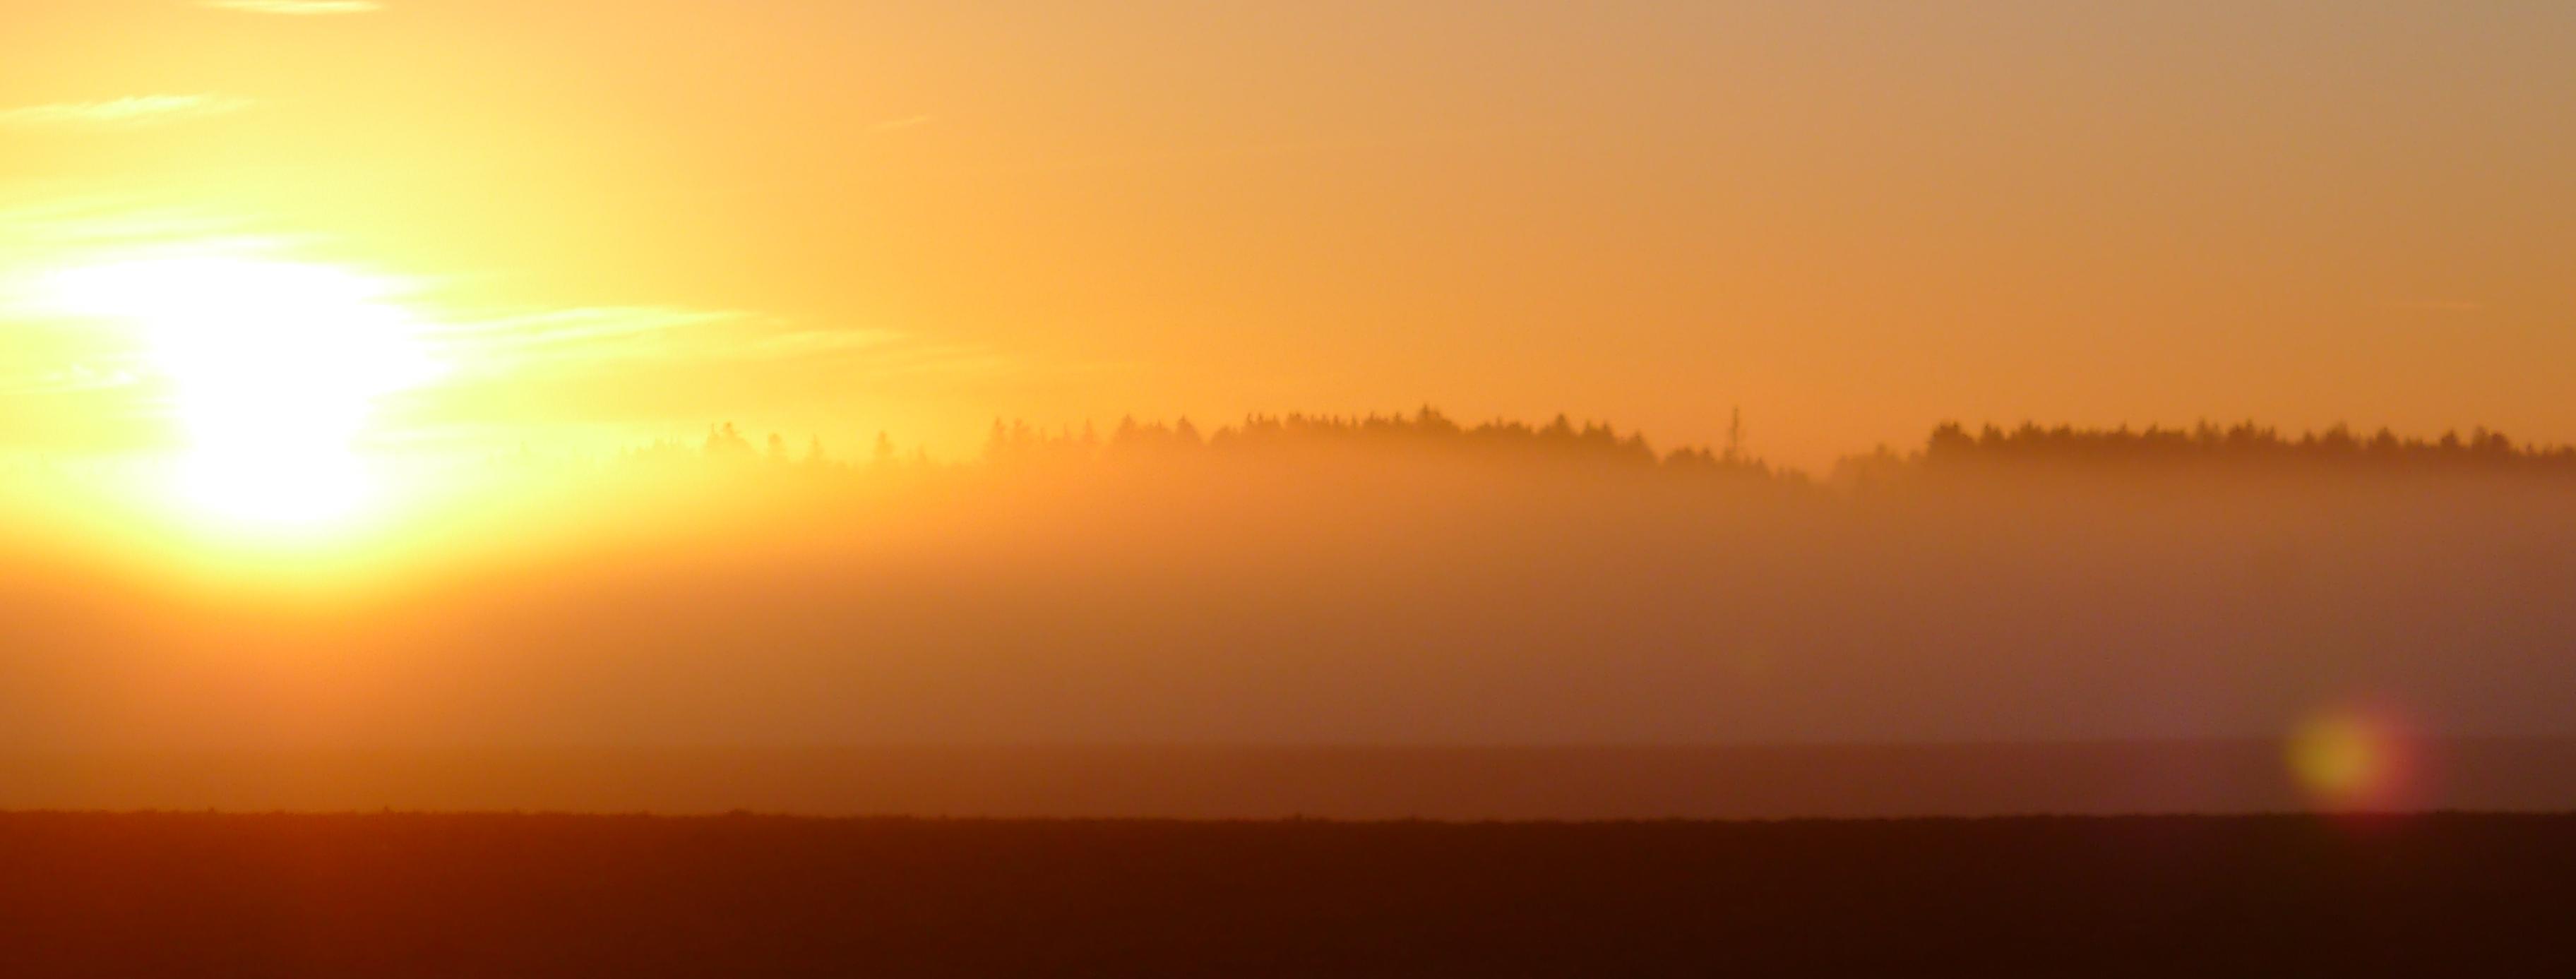 Kraftklang Sonne